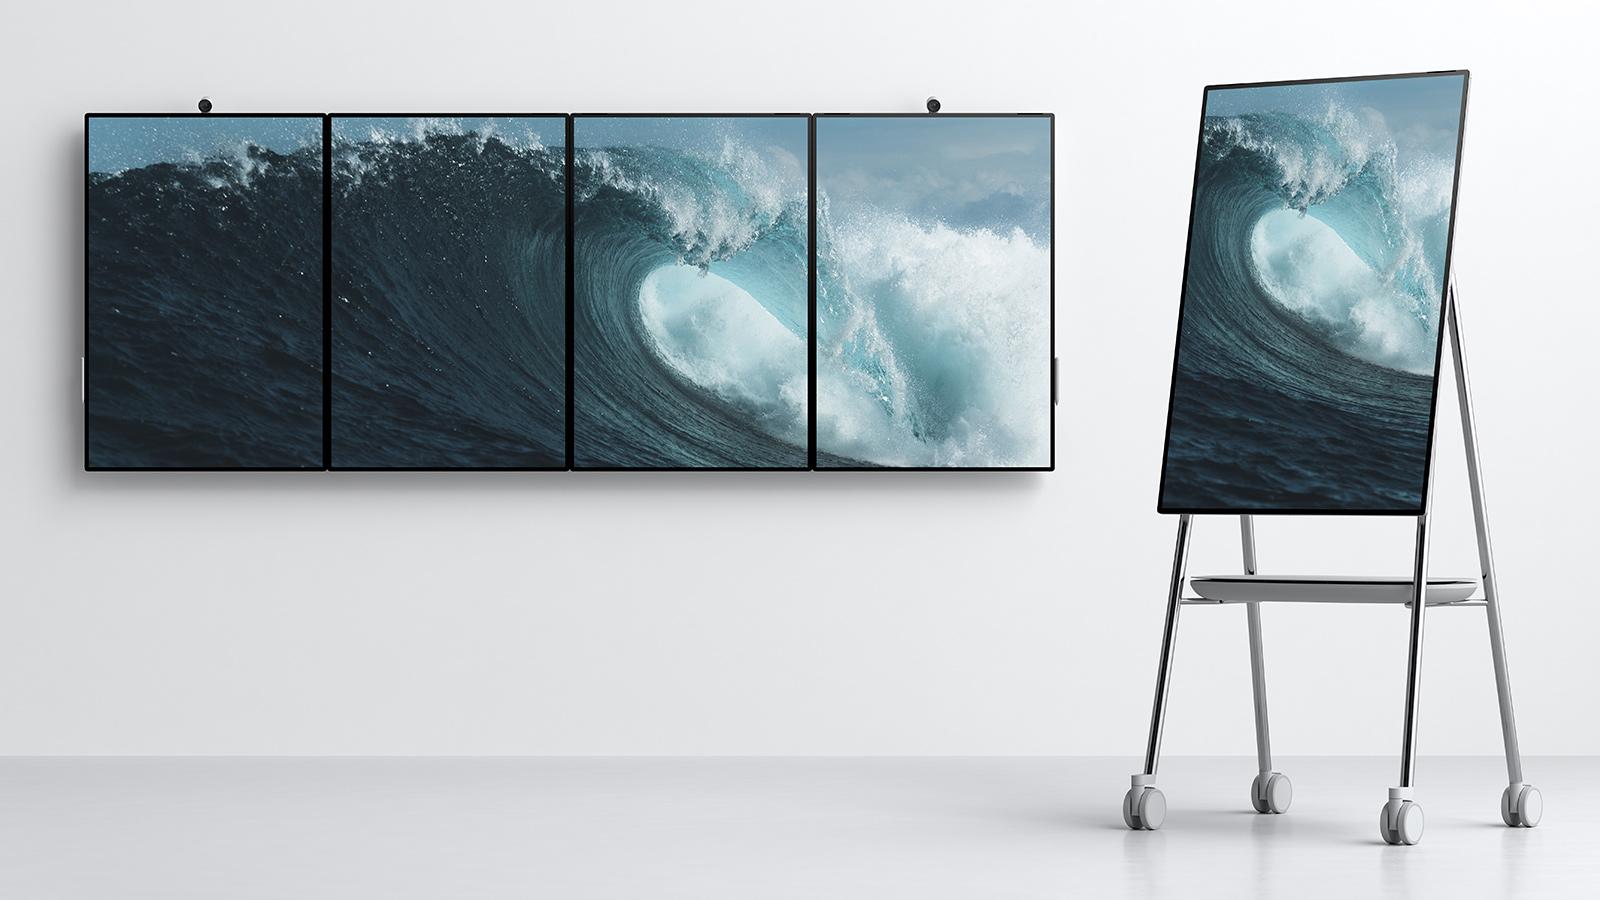 Vier miteinander kombinierte Surface Hub2 an einer Wand im Hochformat und ein im Hochformat ausgerichtetes Surface Hub 2 auf einem von Steelcase gestalteten Stand